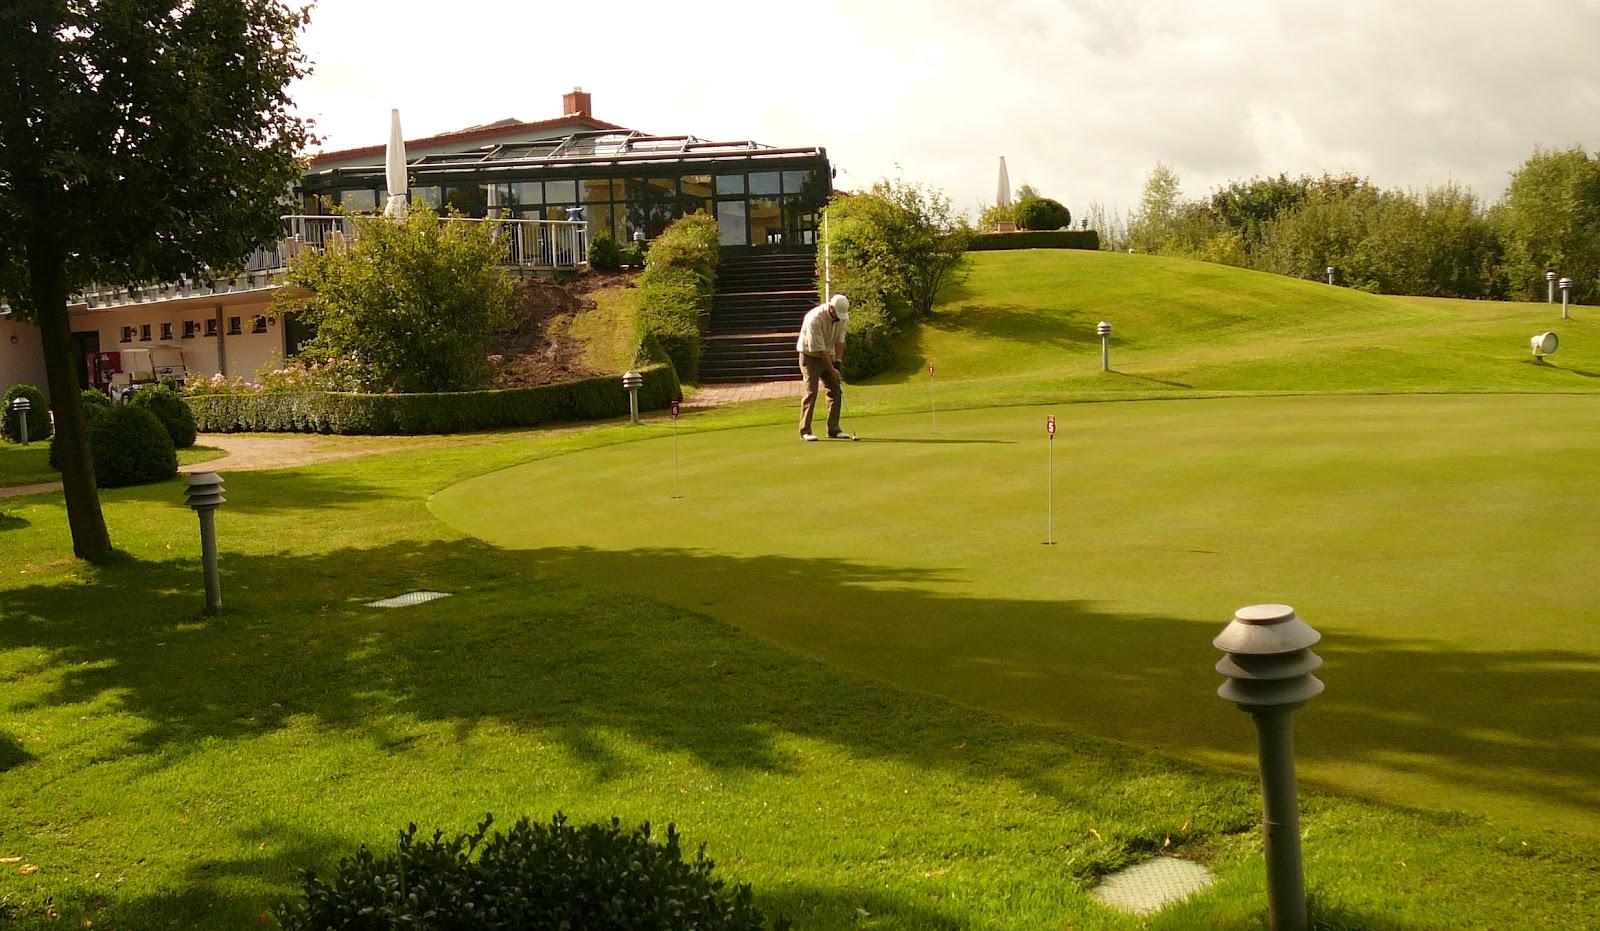 golfplätze in deutschland bespielbar ohne pe